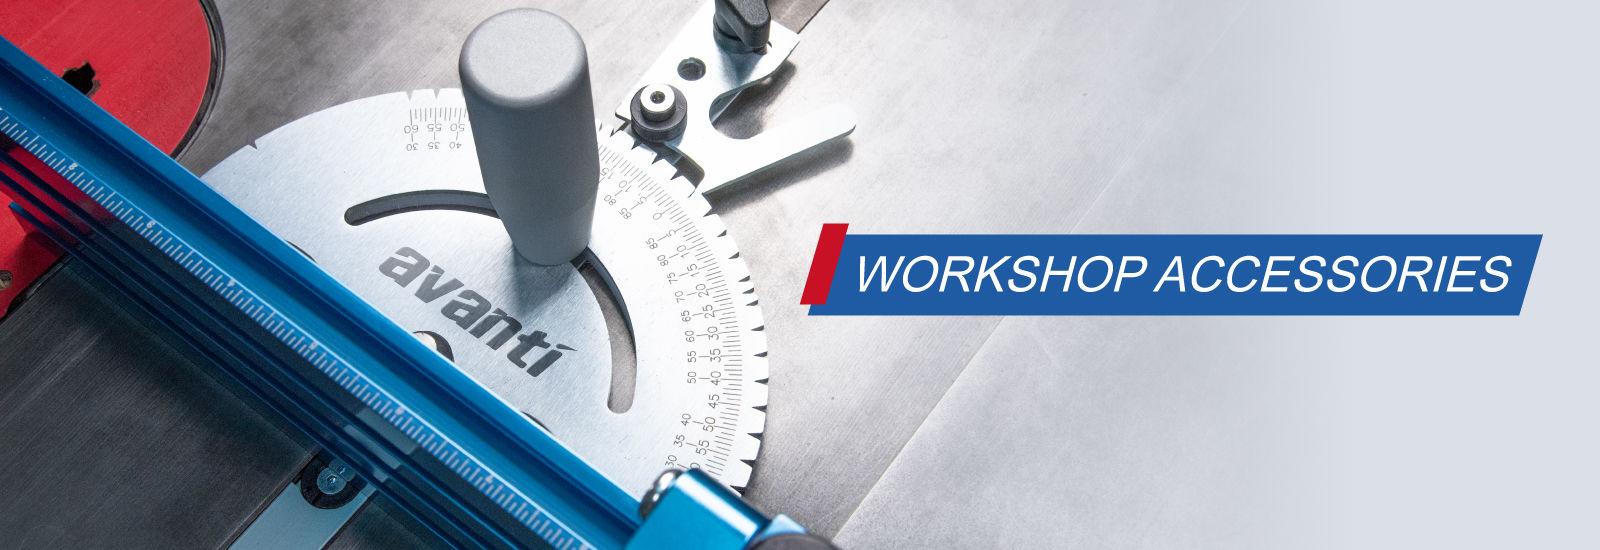 Banner-Workshop Accessories